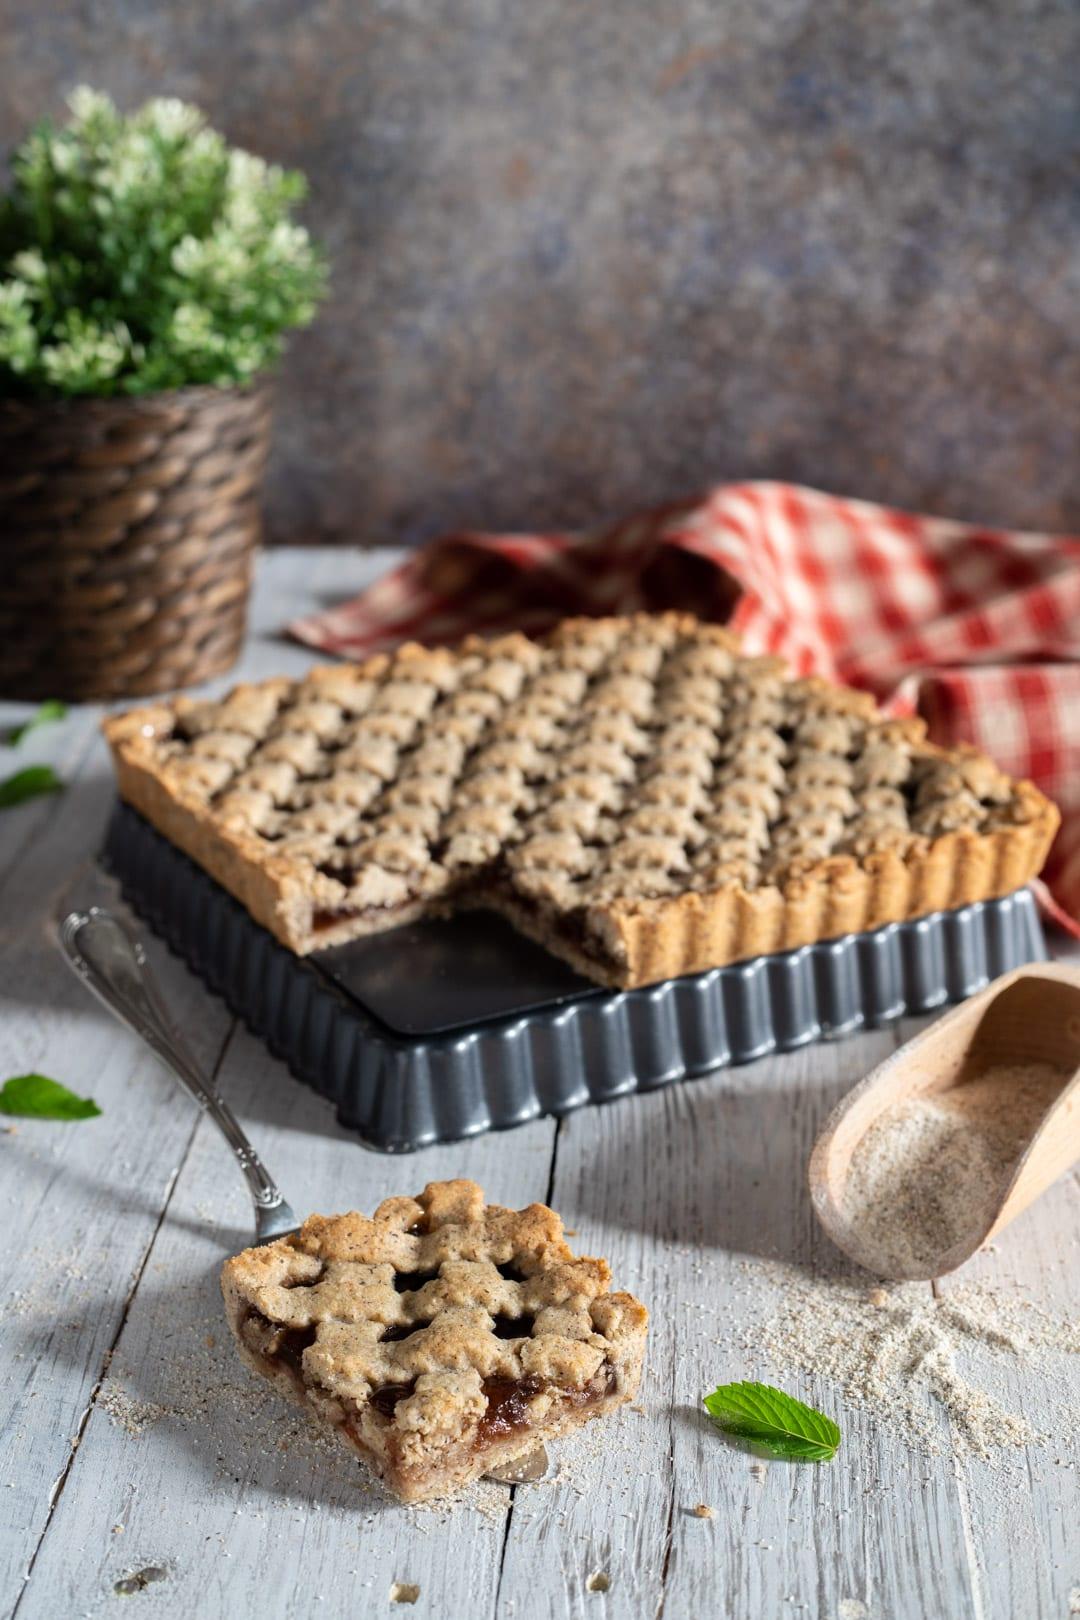 Crostata di grano saraceno con fetta tagliata e pronta da gustare